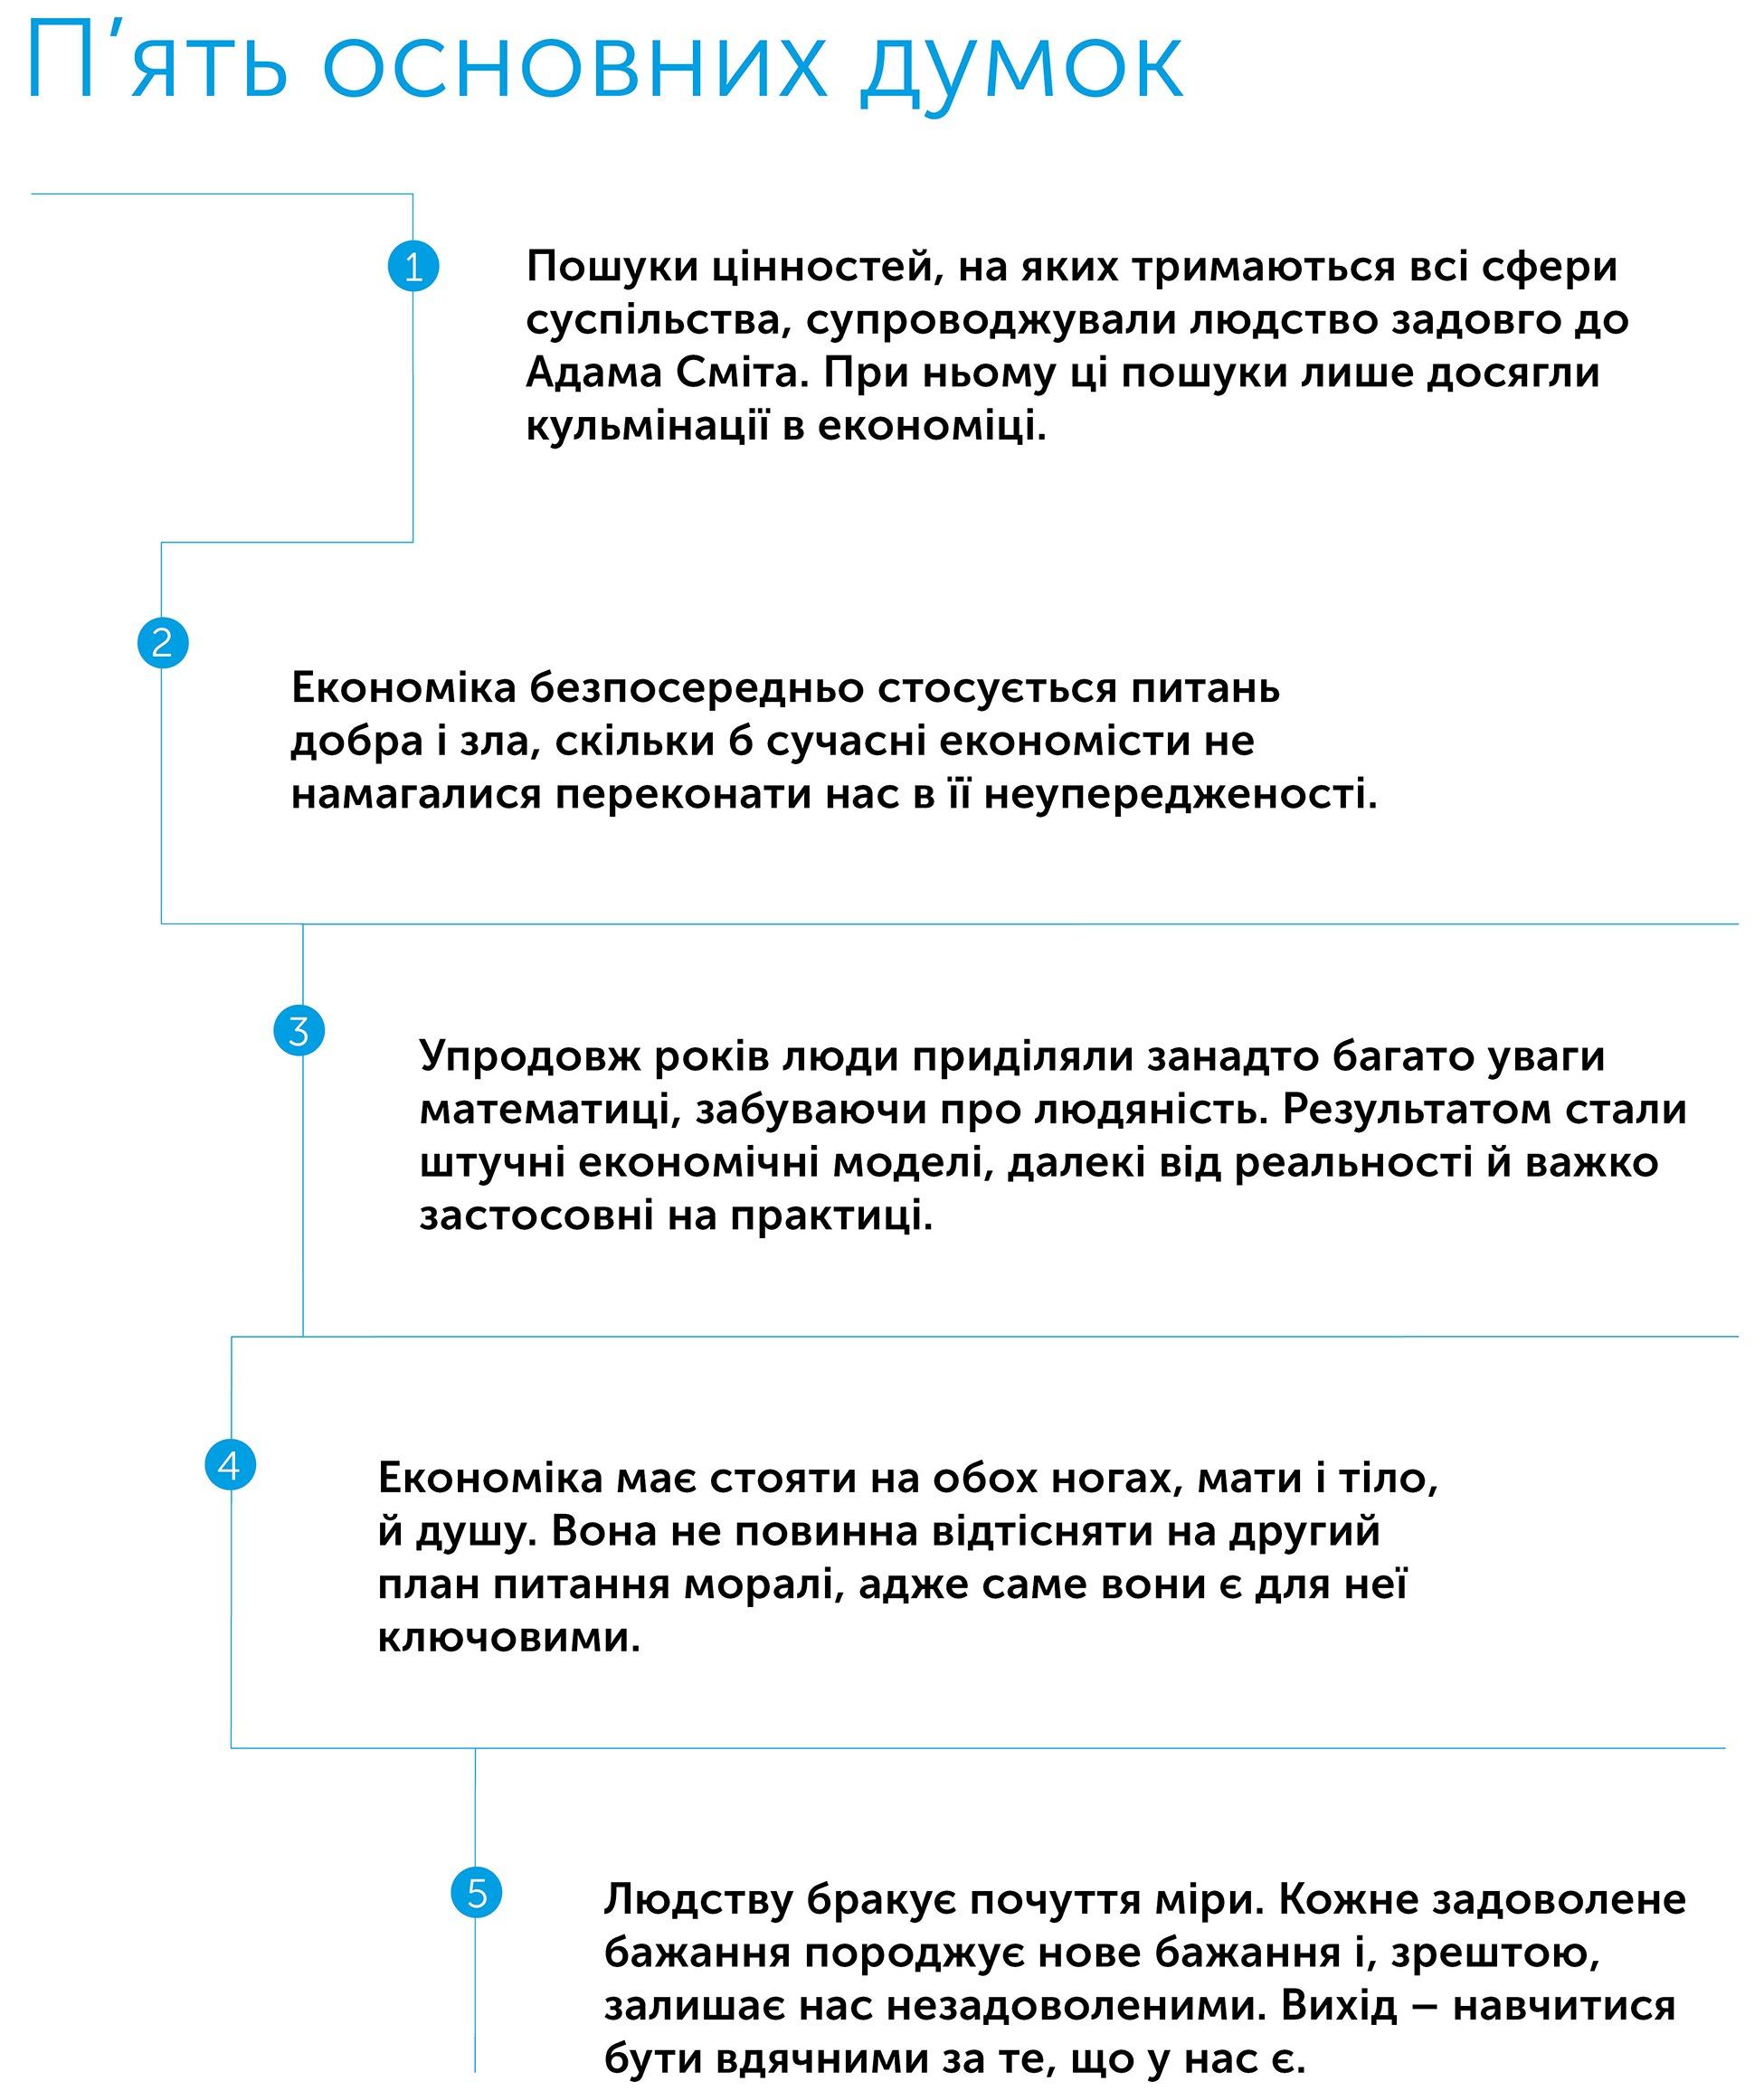 Економіка добра і зла. У пошуках сенсу економіки  від Гільгамеша до Волл-стріт, автор Томаш Седлачек | Kyivstar Business Hub, зображення №2